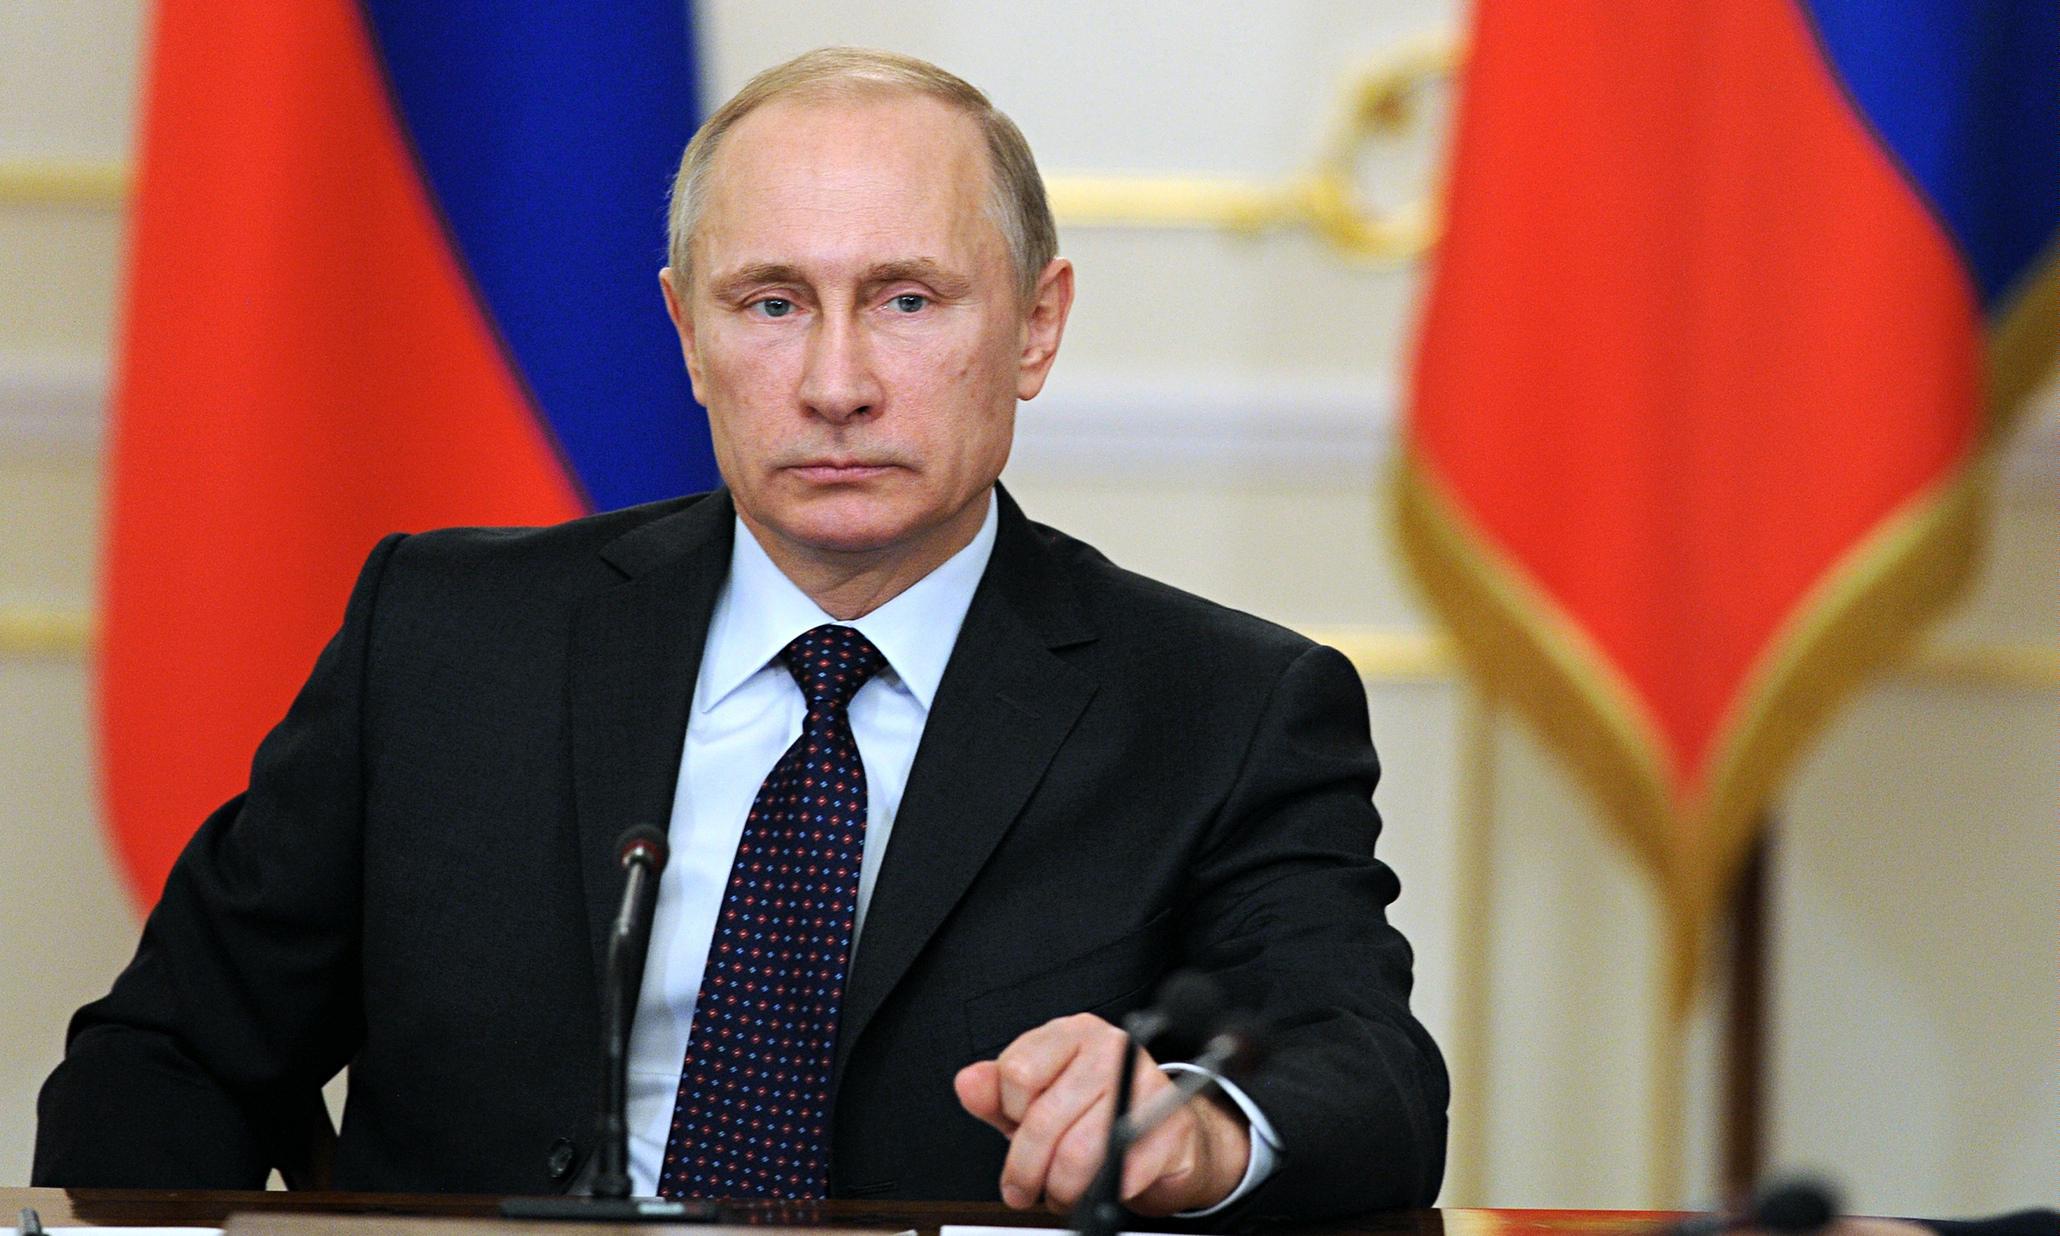 پوتین: مردم به اخبار جعلی درباره کرونا اعتماد نکنند